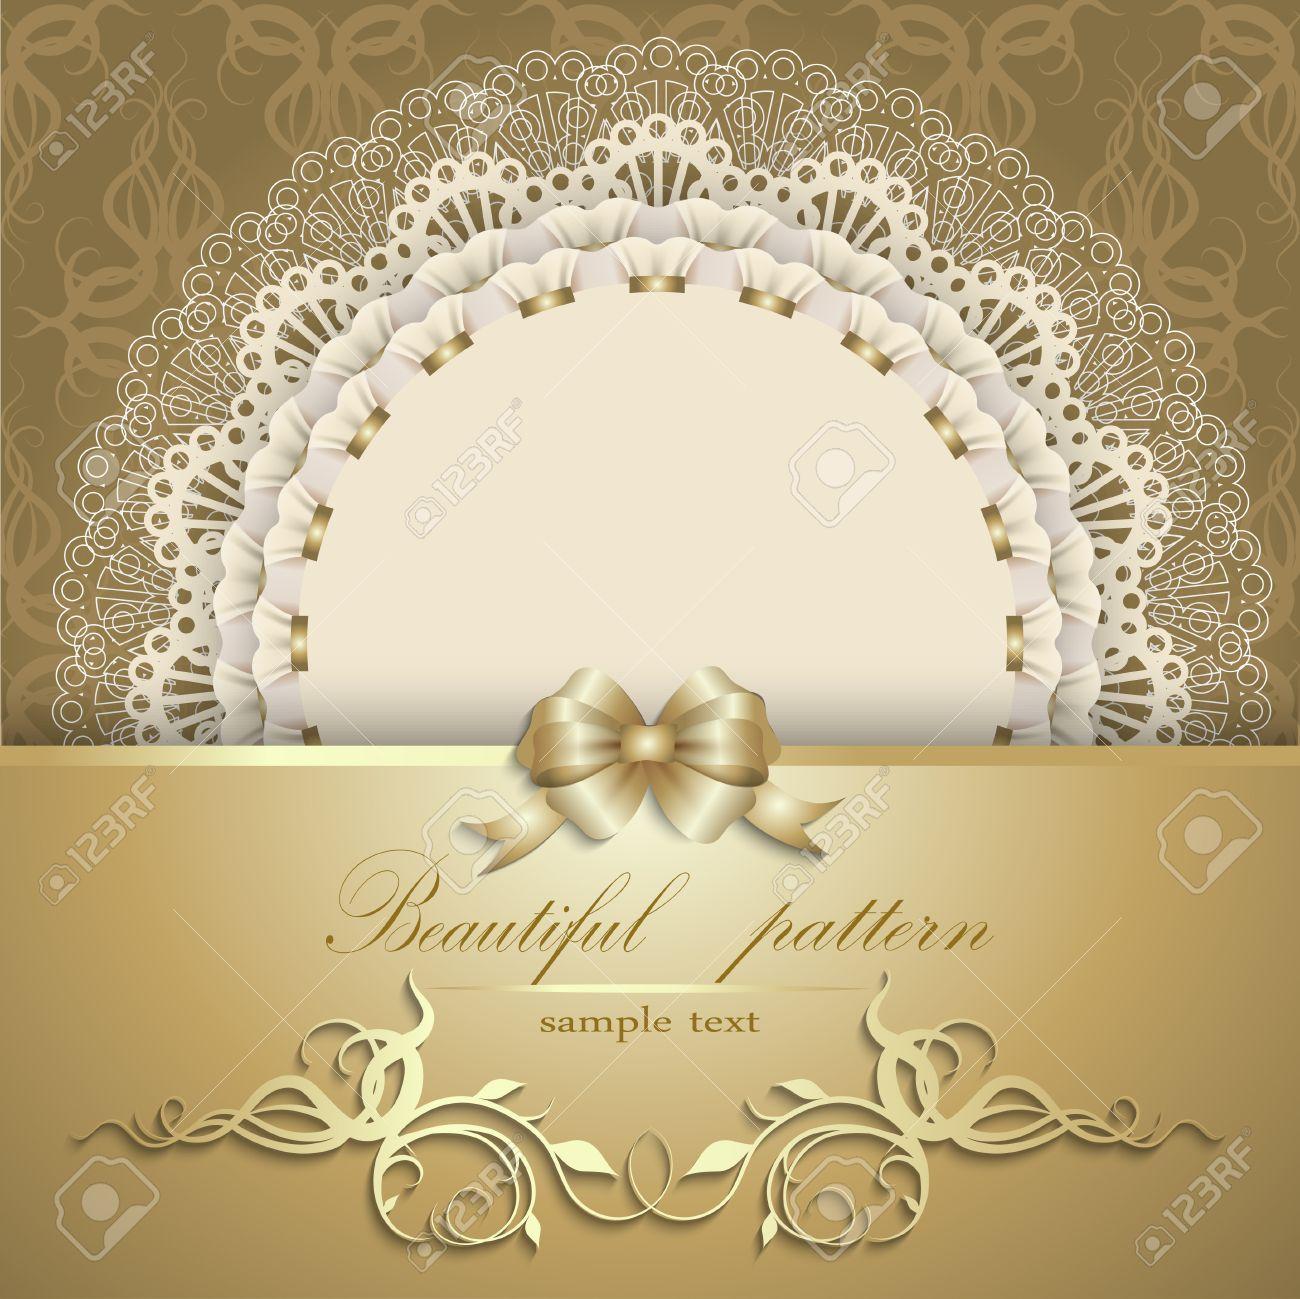 Invitación Elegante De Lujo Plantilla Tarjeta De Regalo Con Adornos De Encaje Cinta Lazo De Seda El Lugar De Texto Elementos Florales Fondo